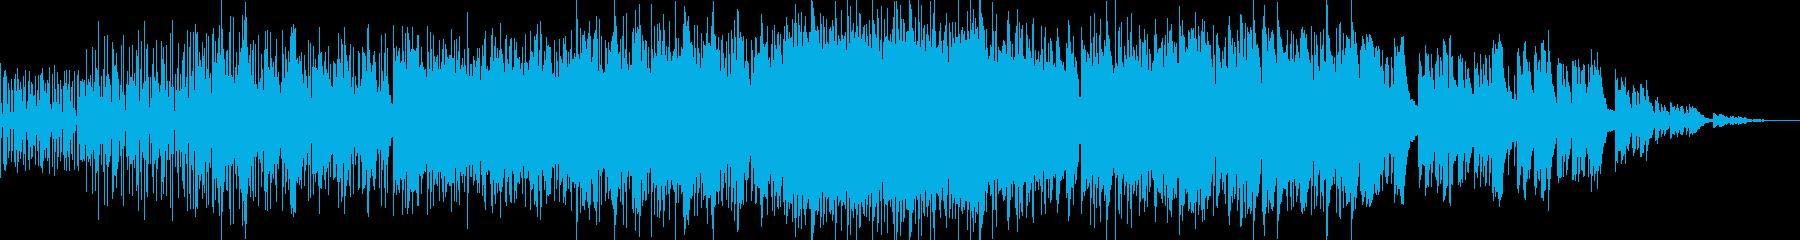 優しいアコースティック音源とビートの楽曲の再生済みの波形